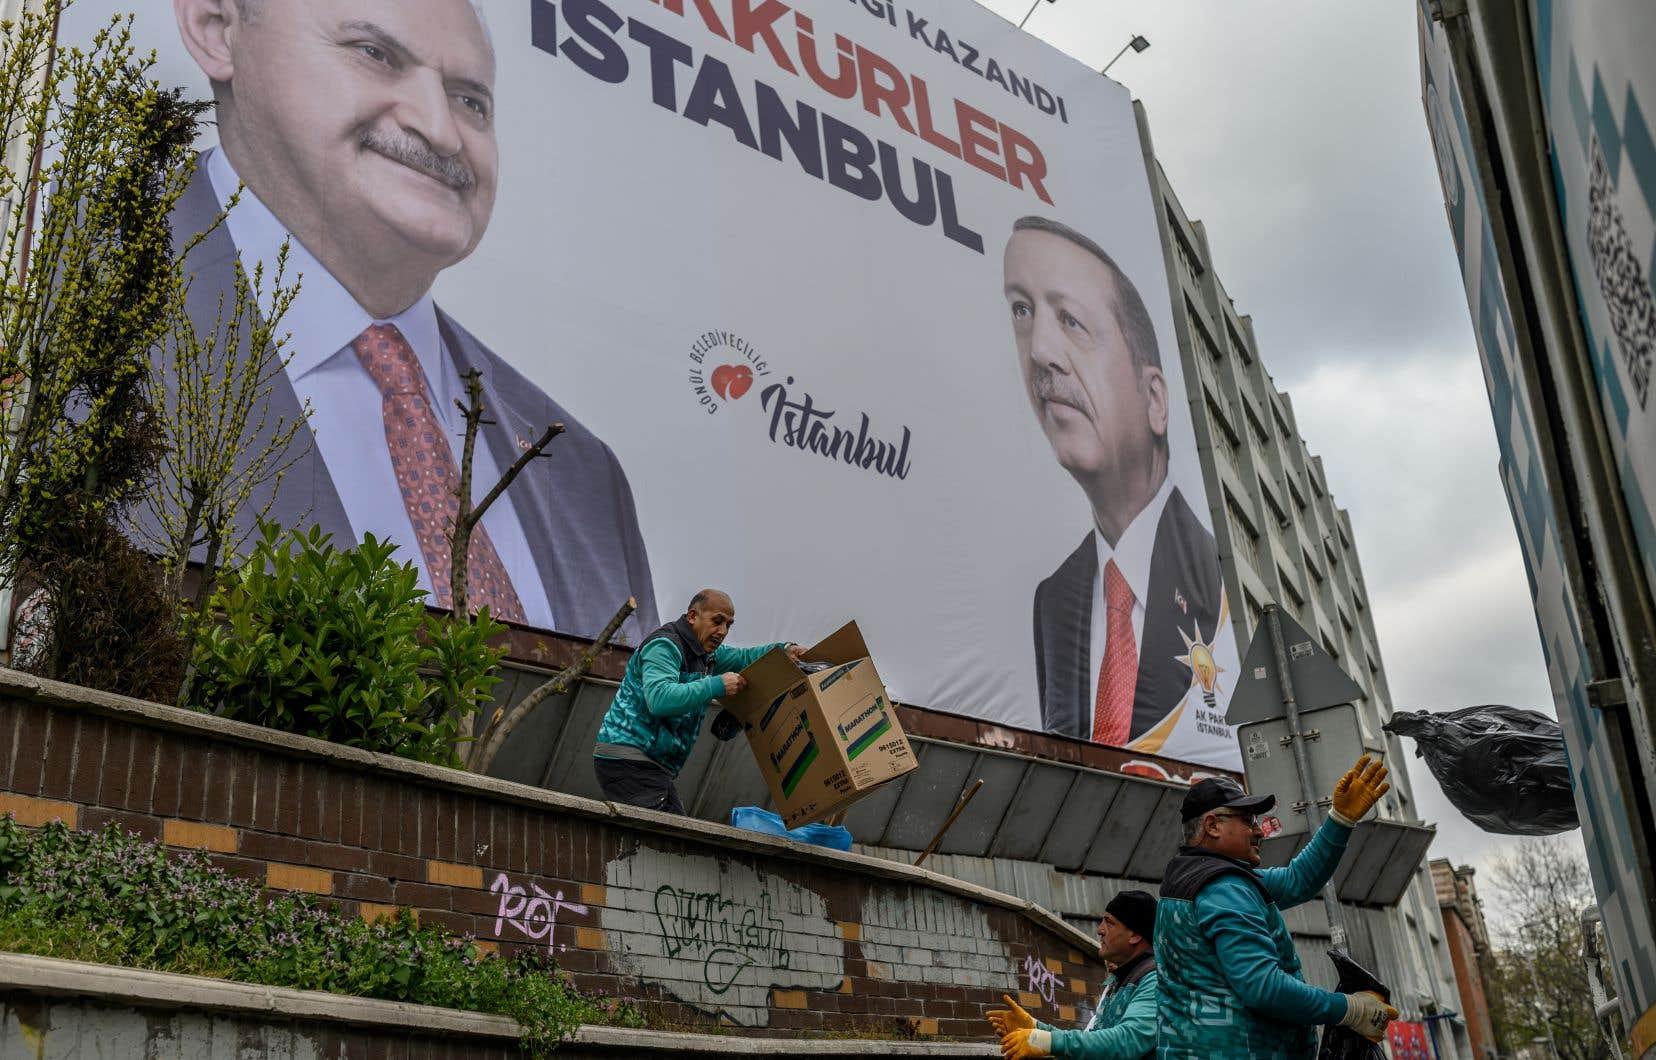 Selon les résultats provisoires, le président Erdogan a essuyé un revers inédit lors de ce scrutin municipal qui s'est tenu dimanche dernier: l'opposition l'a emporté à Ankara et Istanbul.